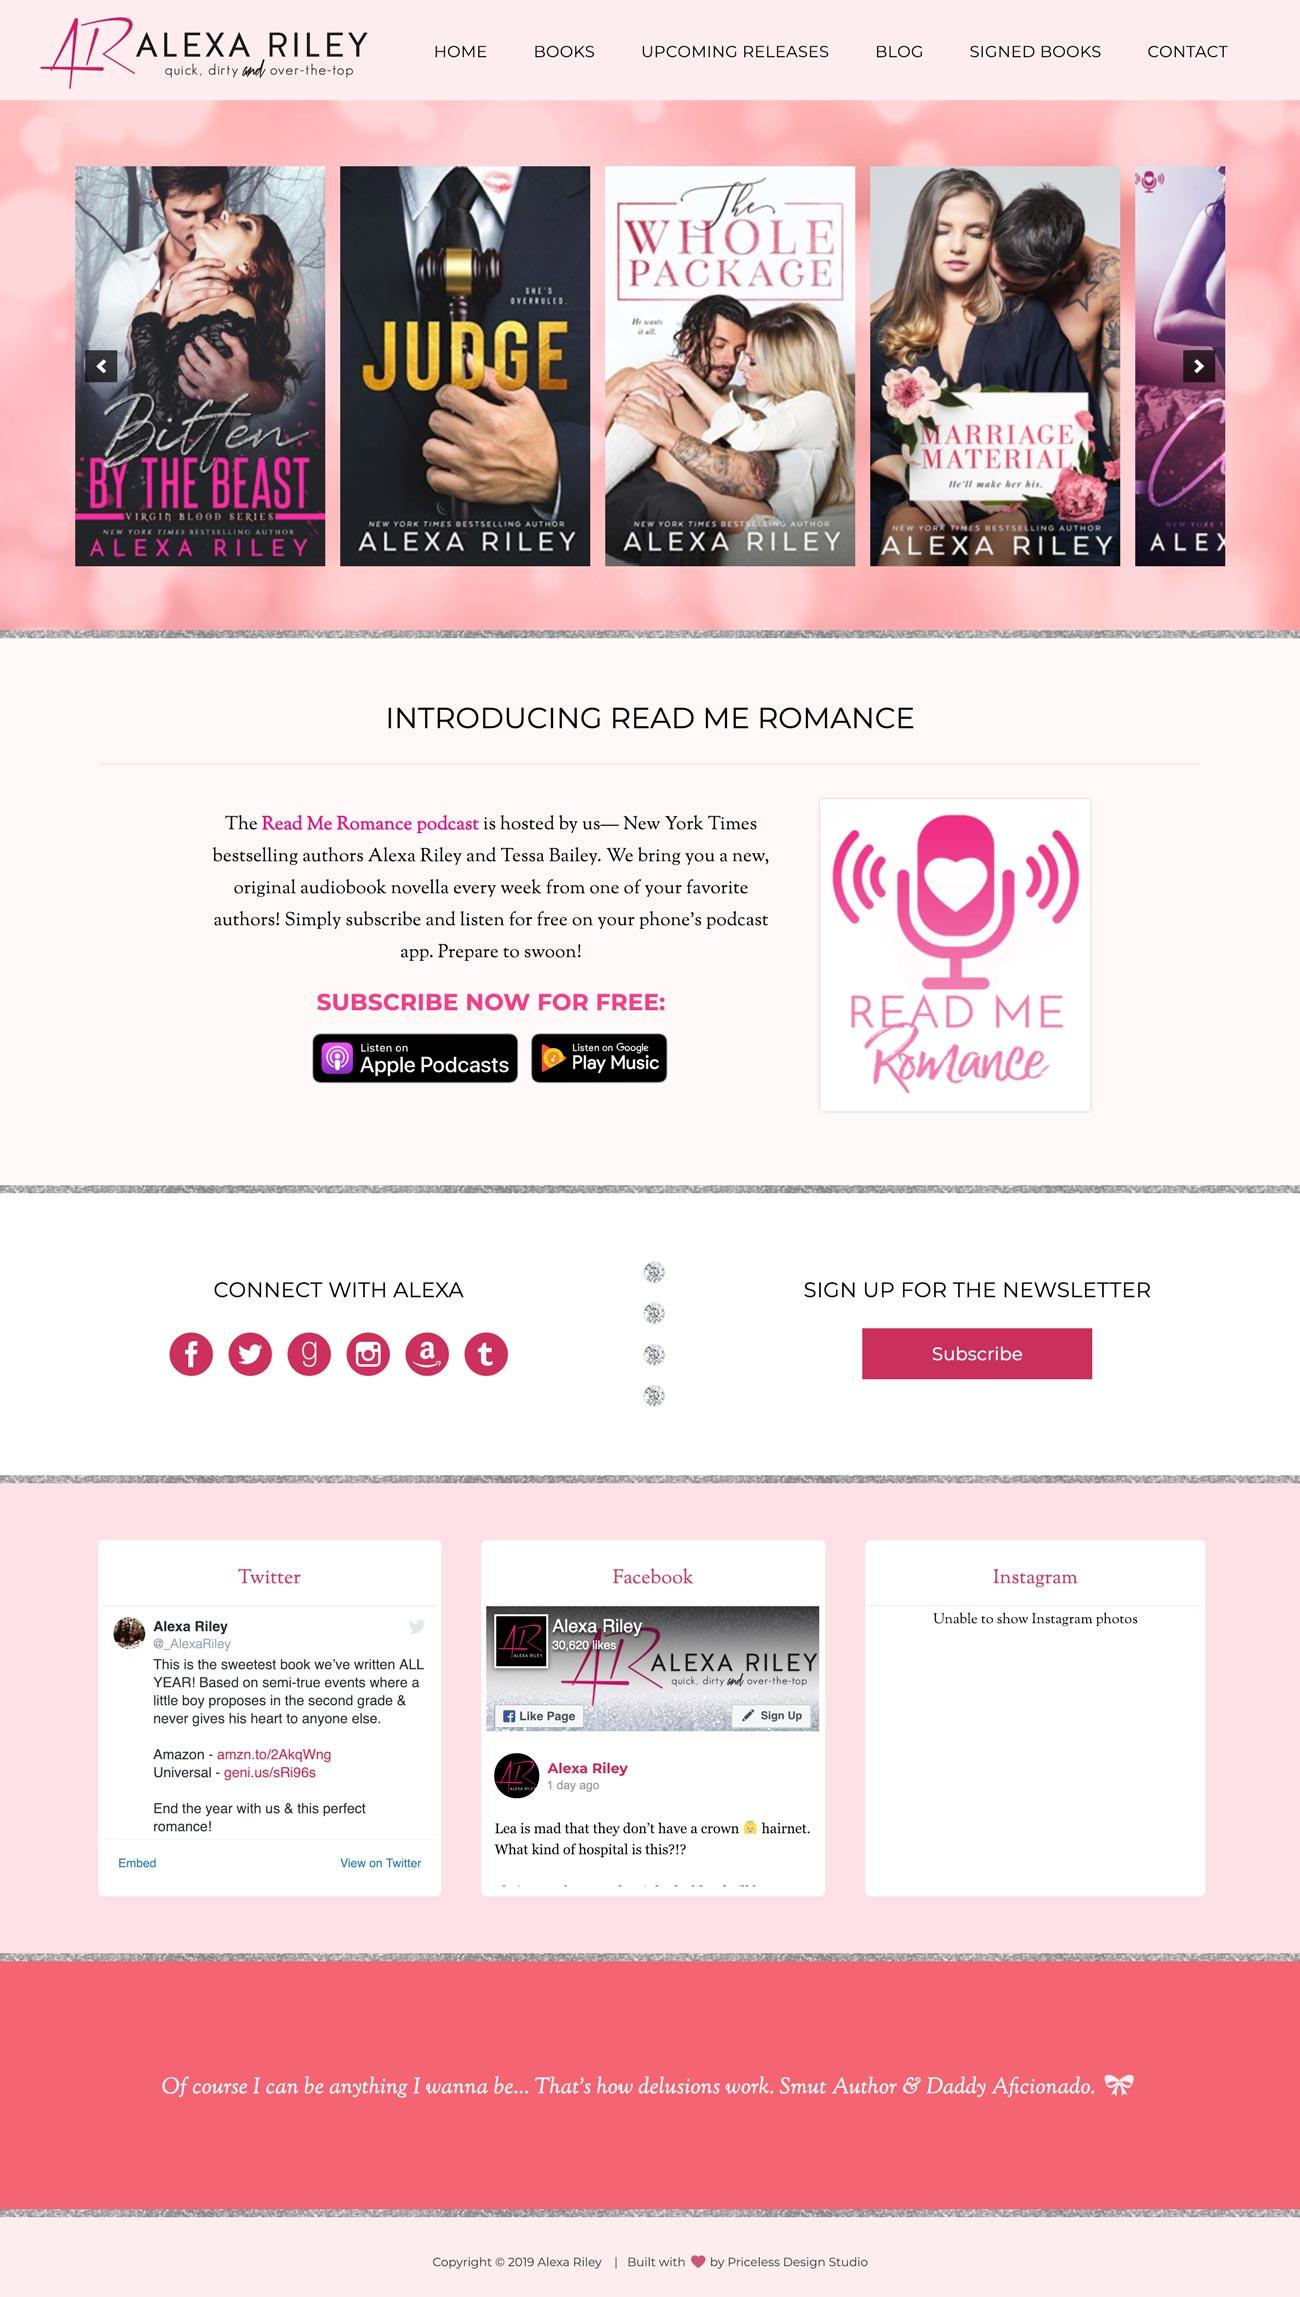 alexariley_homepage